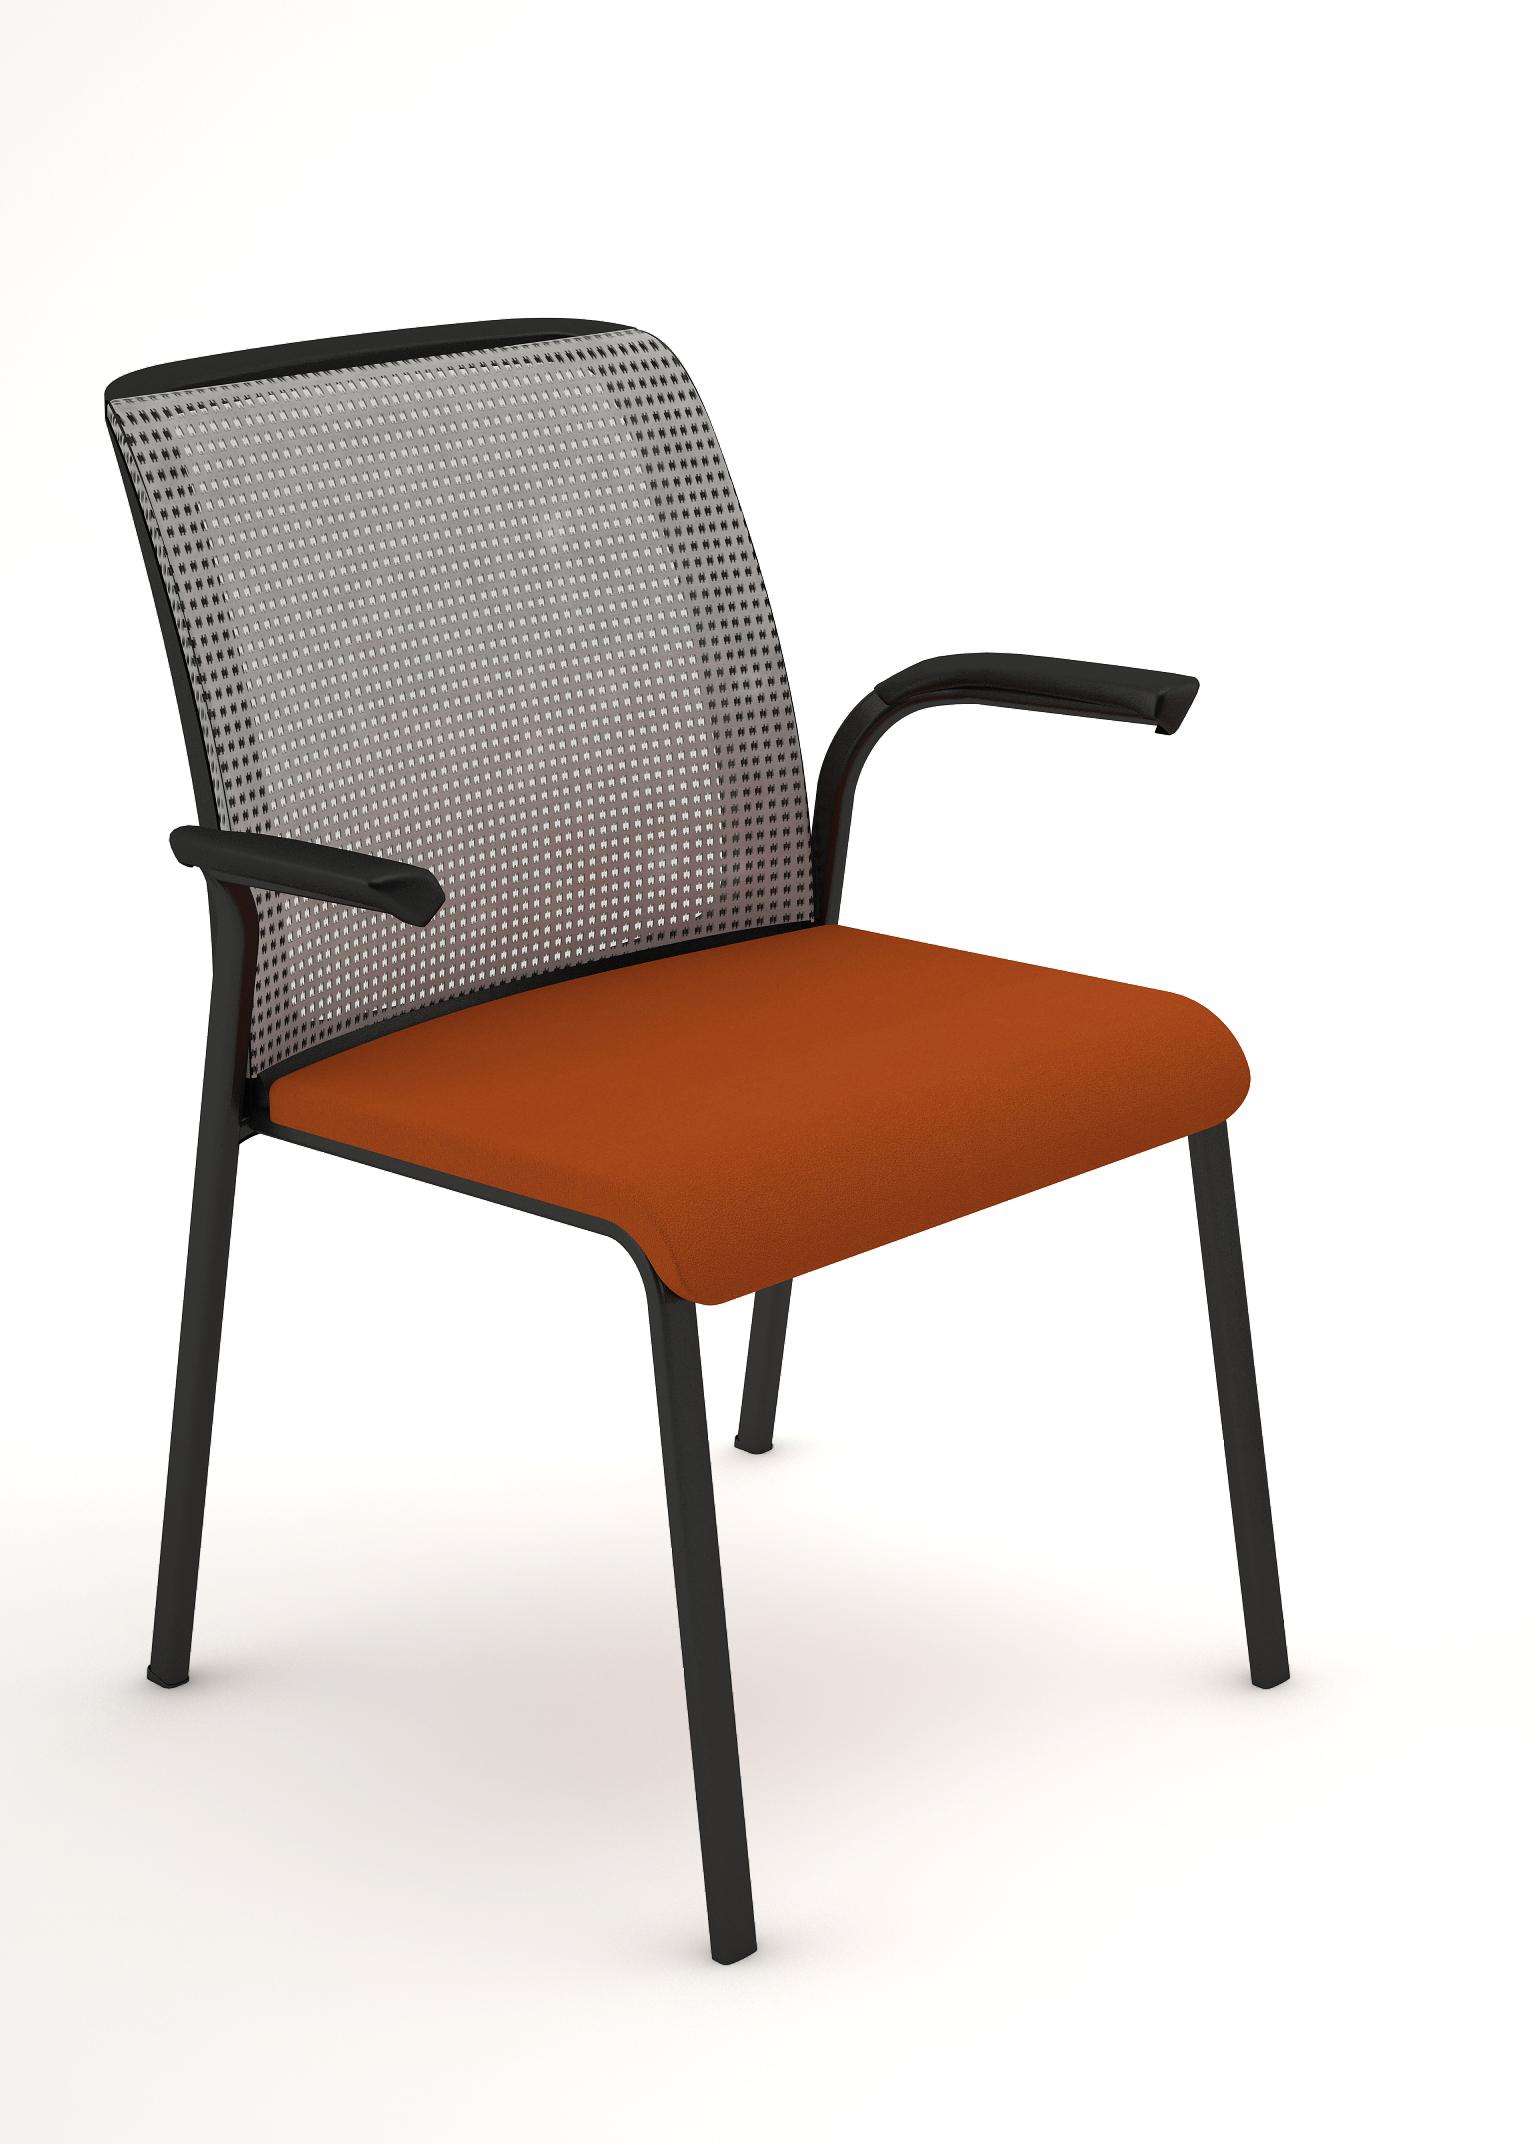 chaise de bureau tunisie capisco promo chaise de bureau ergonomique hg avec assise of chaise. Black Bedroom Furniture Sets. Home Design Ideas